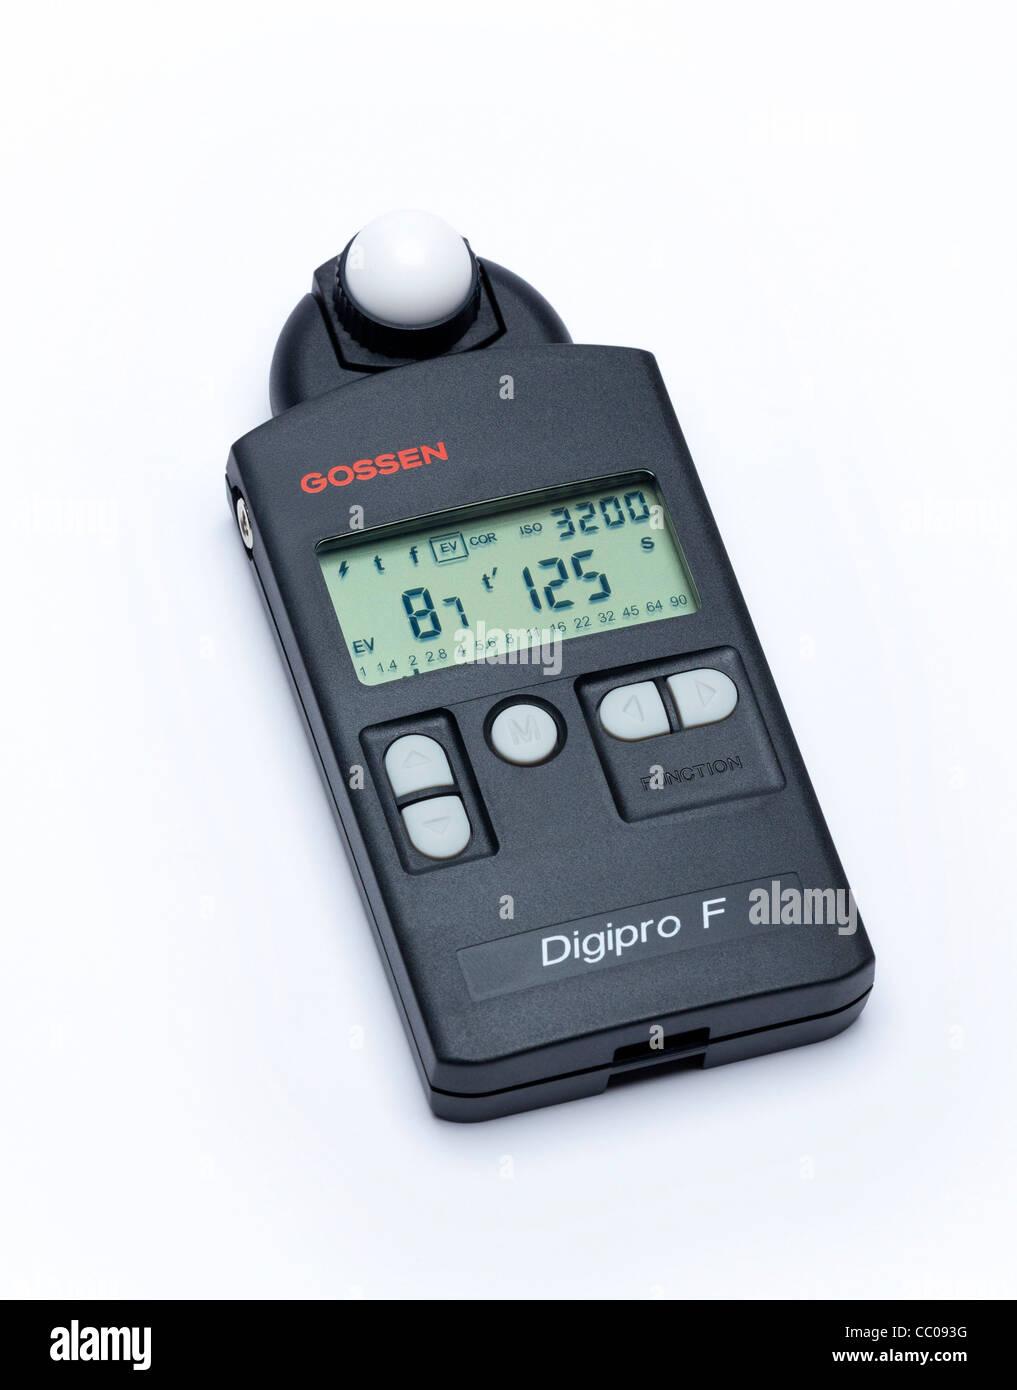 Gossen digital photographic exposure light meter - Stock Image